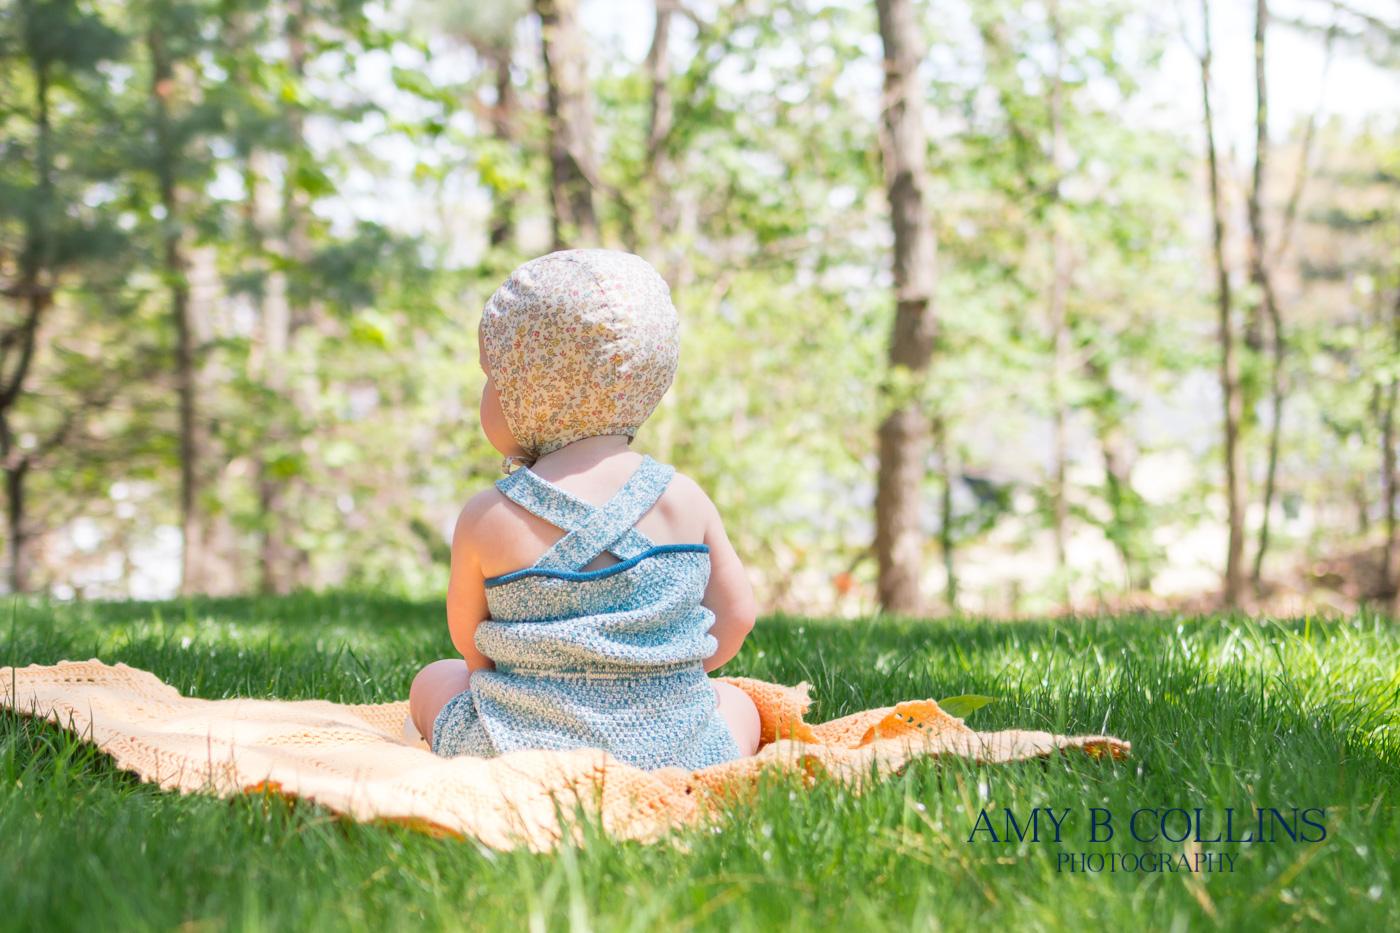 Amy_B_Collins_Photography_Needham Baby Photographer - 02.jpg